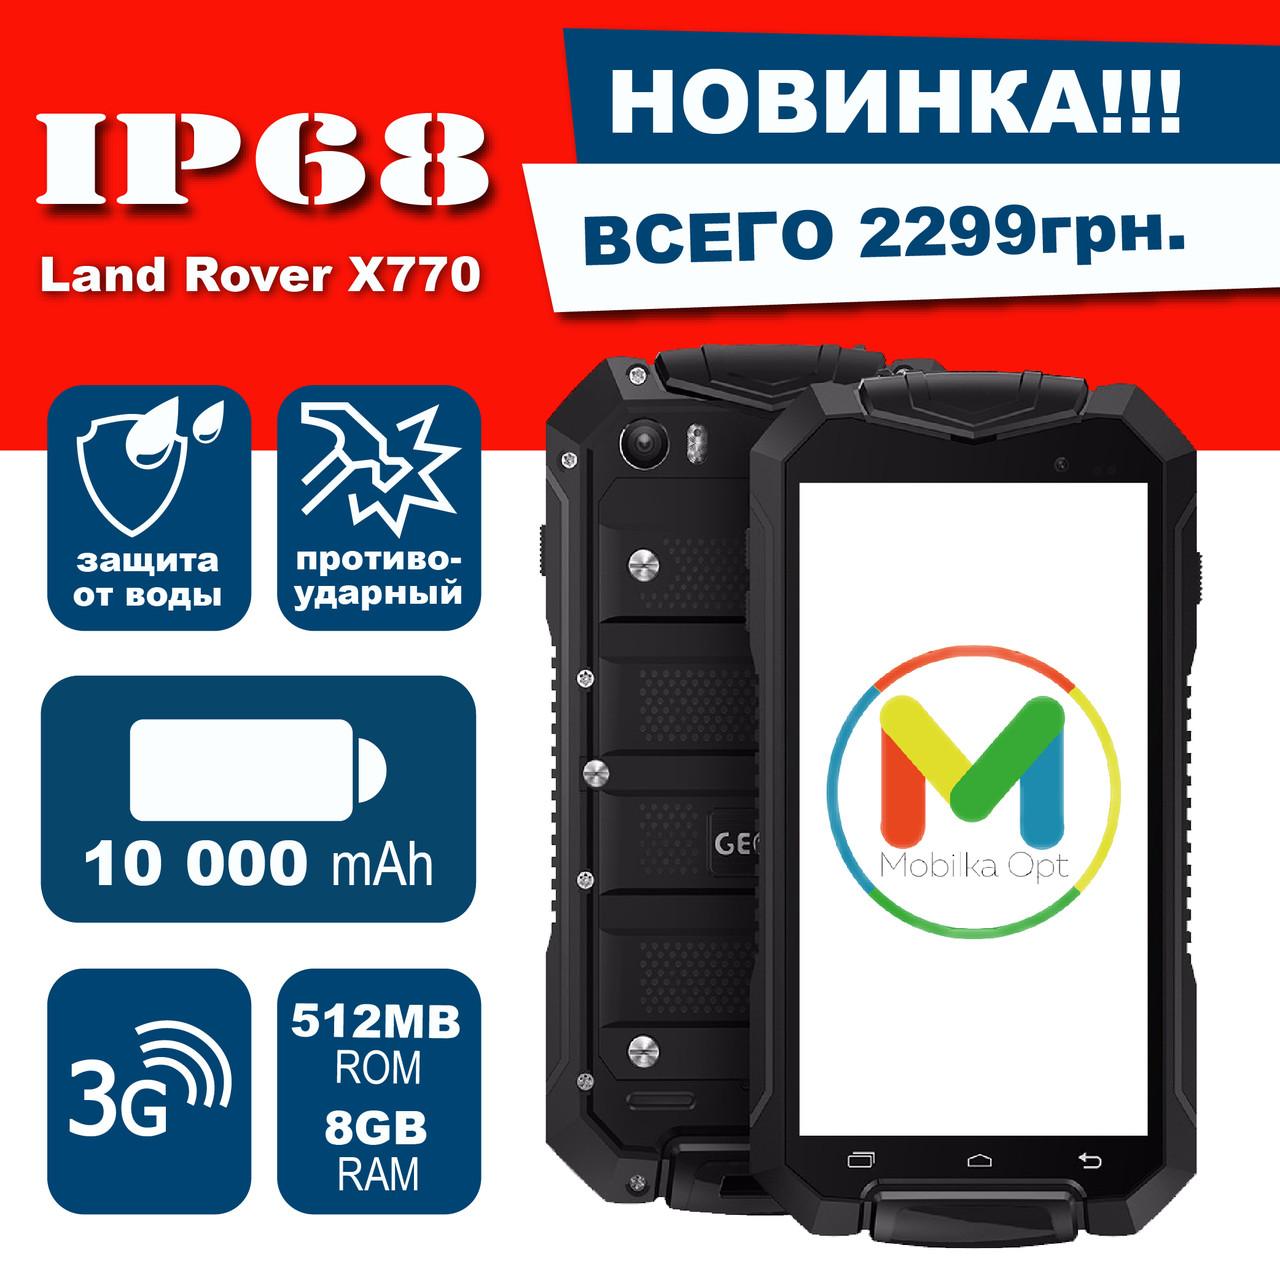 Защищенный Водонепроницаемый Противоударный смартфон ленд ровер Land Rover X770 IP68, 10000mAh (3500mah) 12mp